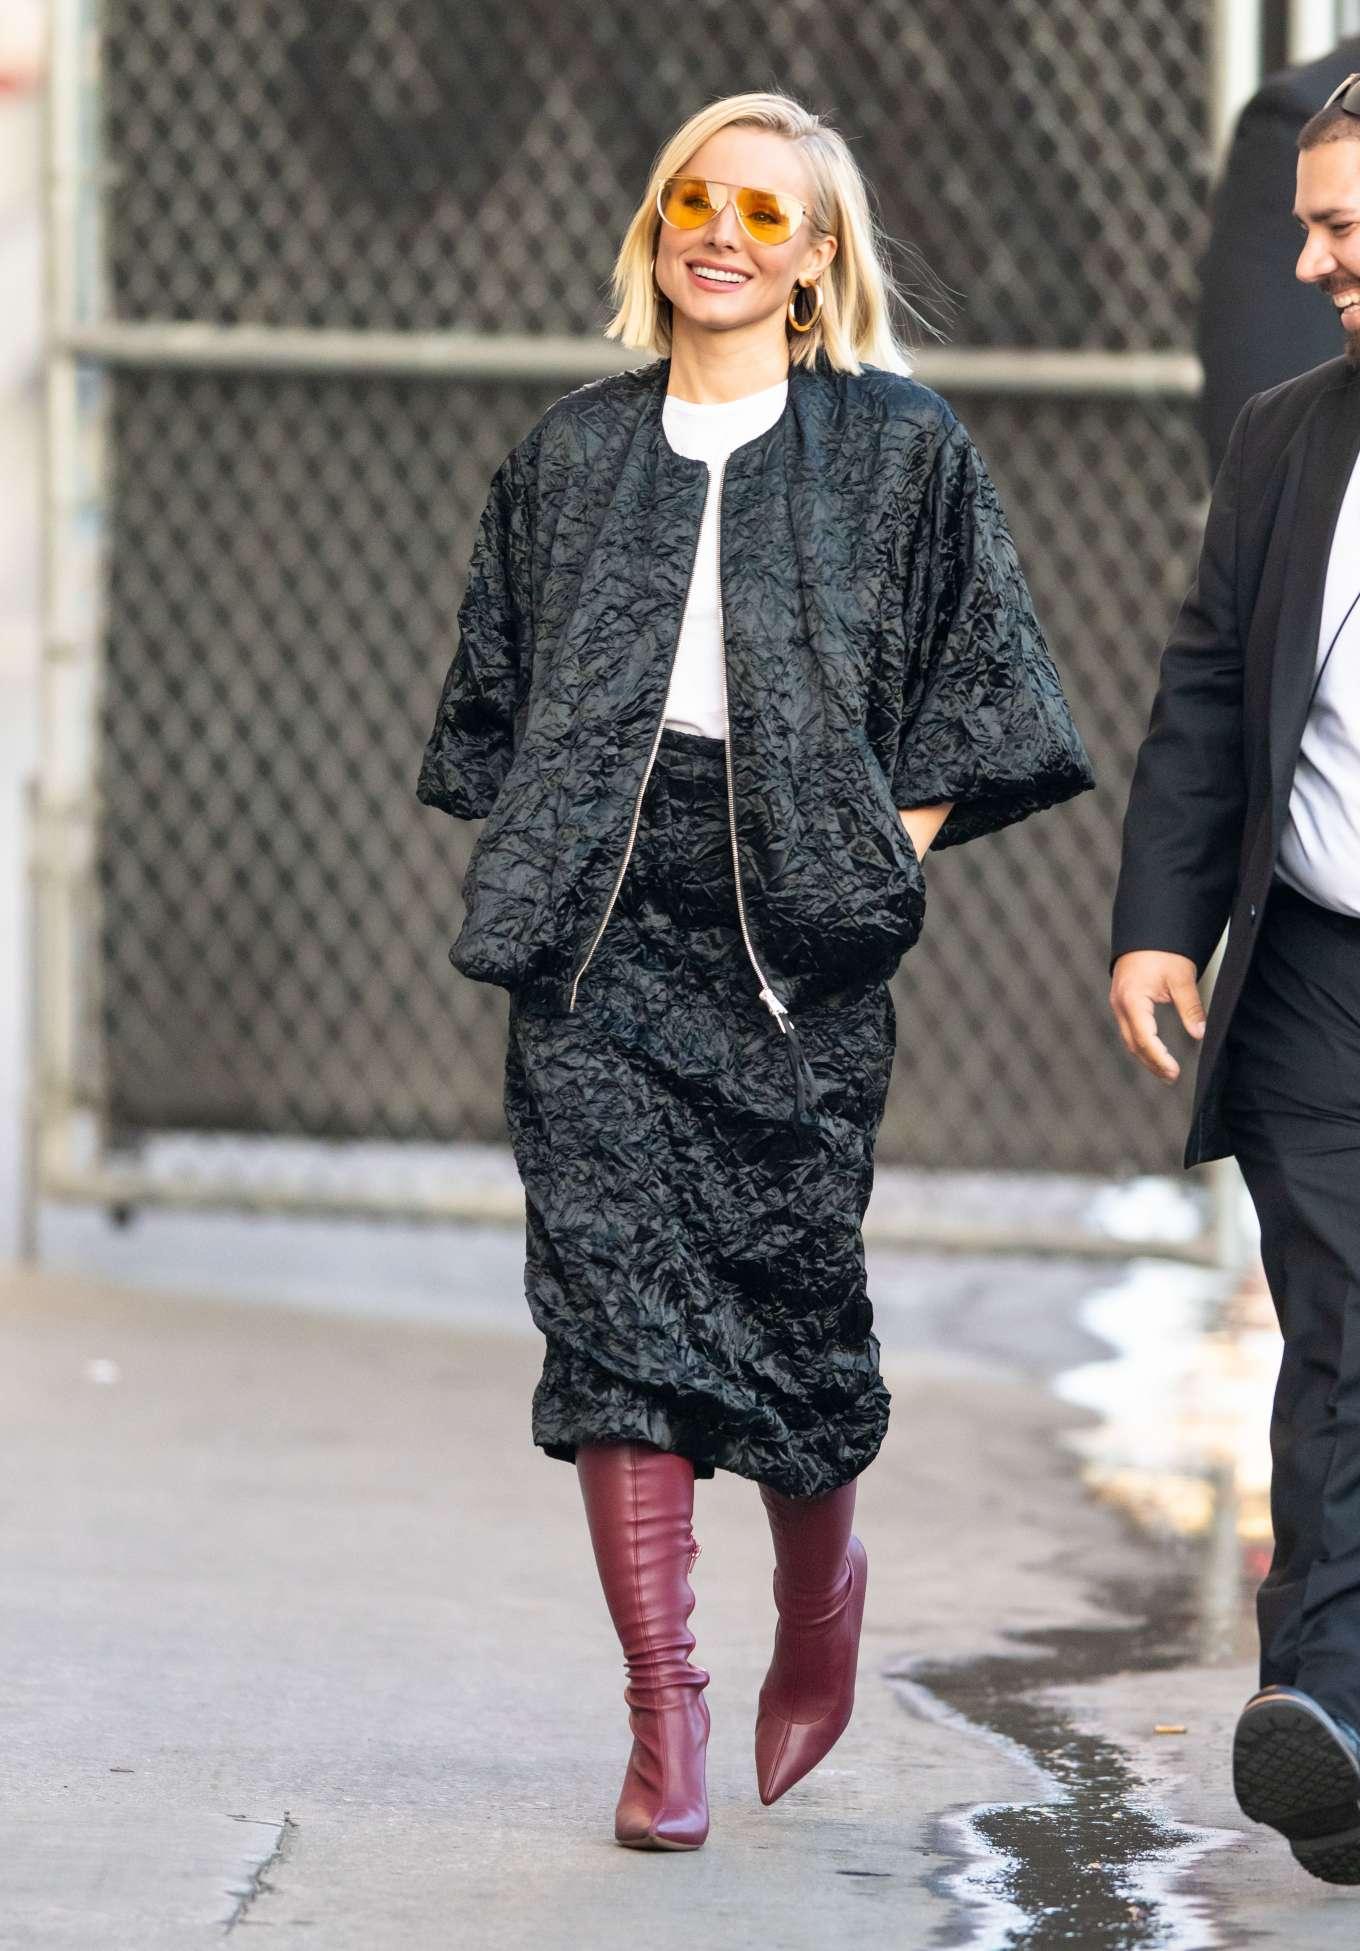 Kristen Bell 2019 : Kristen Bell – Arriving for Jimmy Kimmel in Los Angeles-04